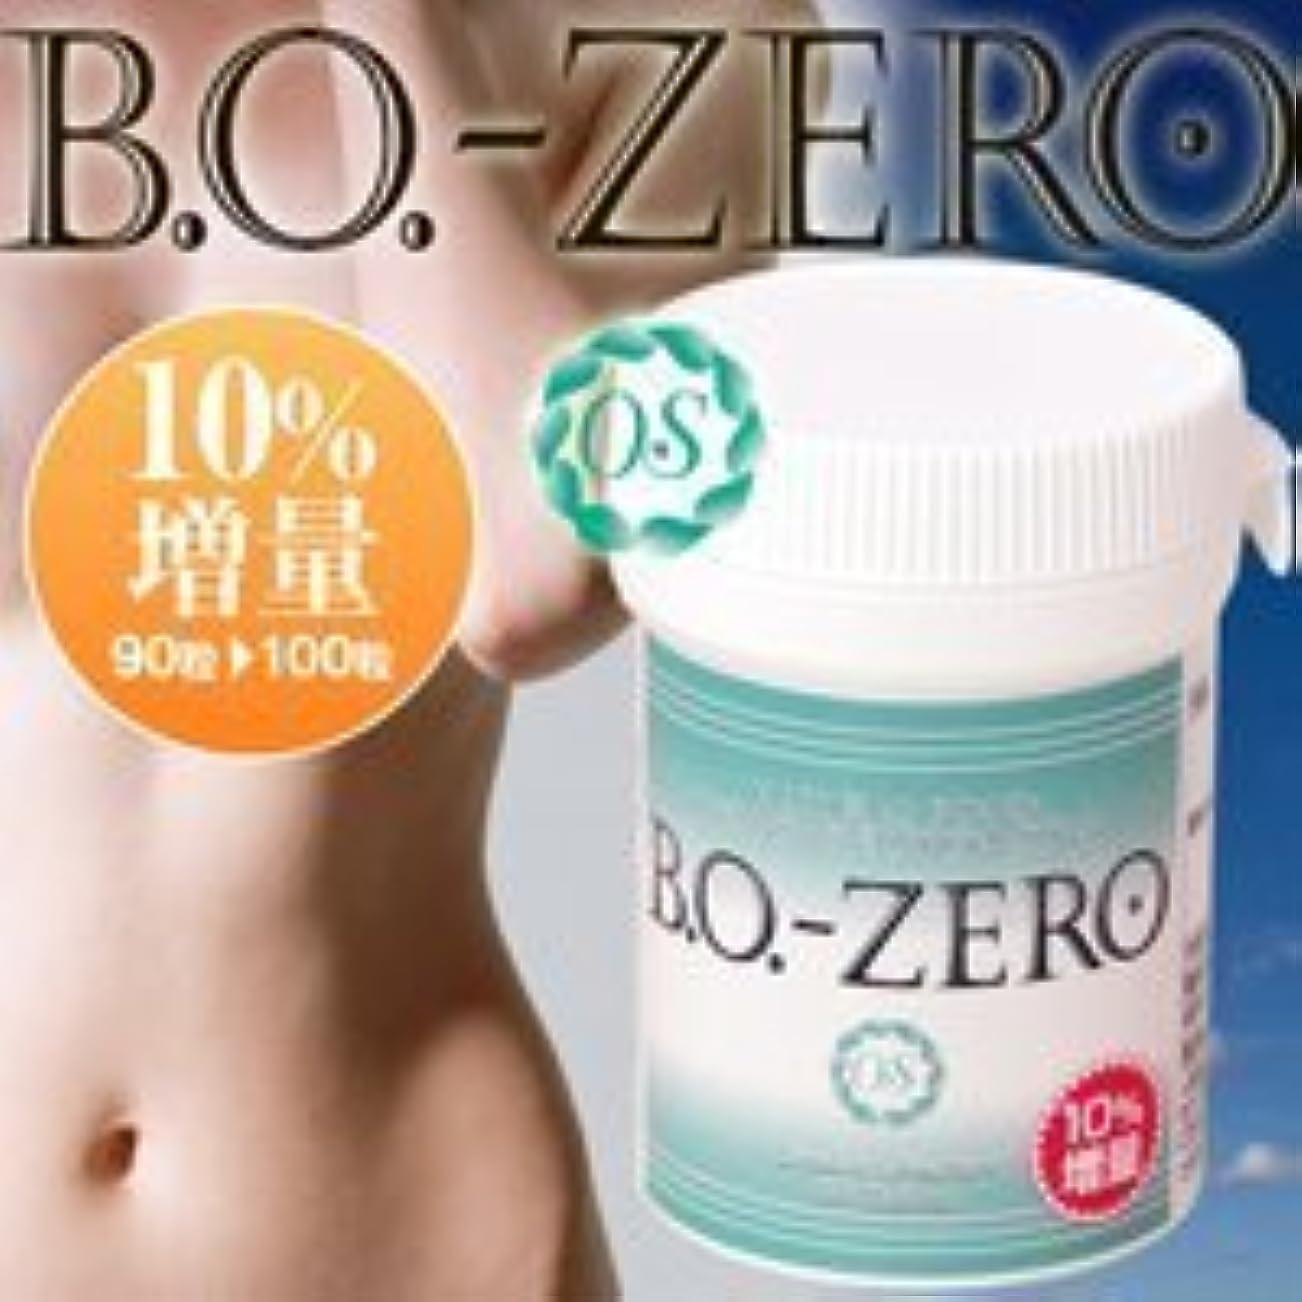 命題あそこ本気BO ZERO (ビーオー ゼロ) 10%増量×2個セット?  体臭 口臭 汗臭 ワキガ などの対策に